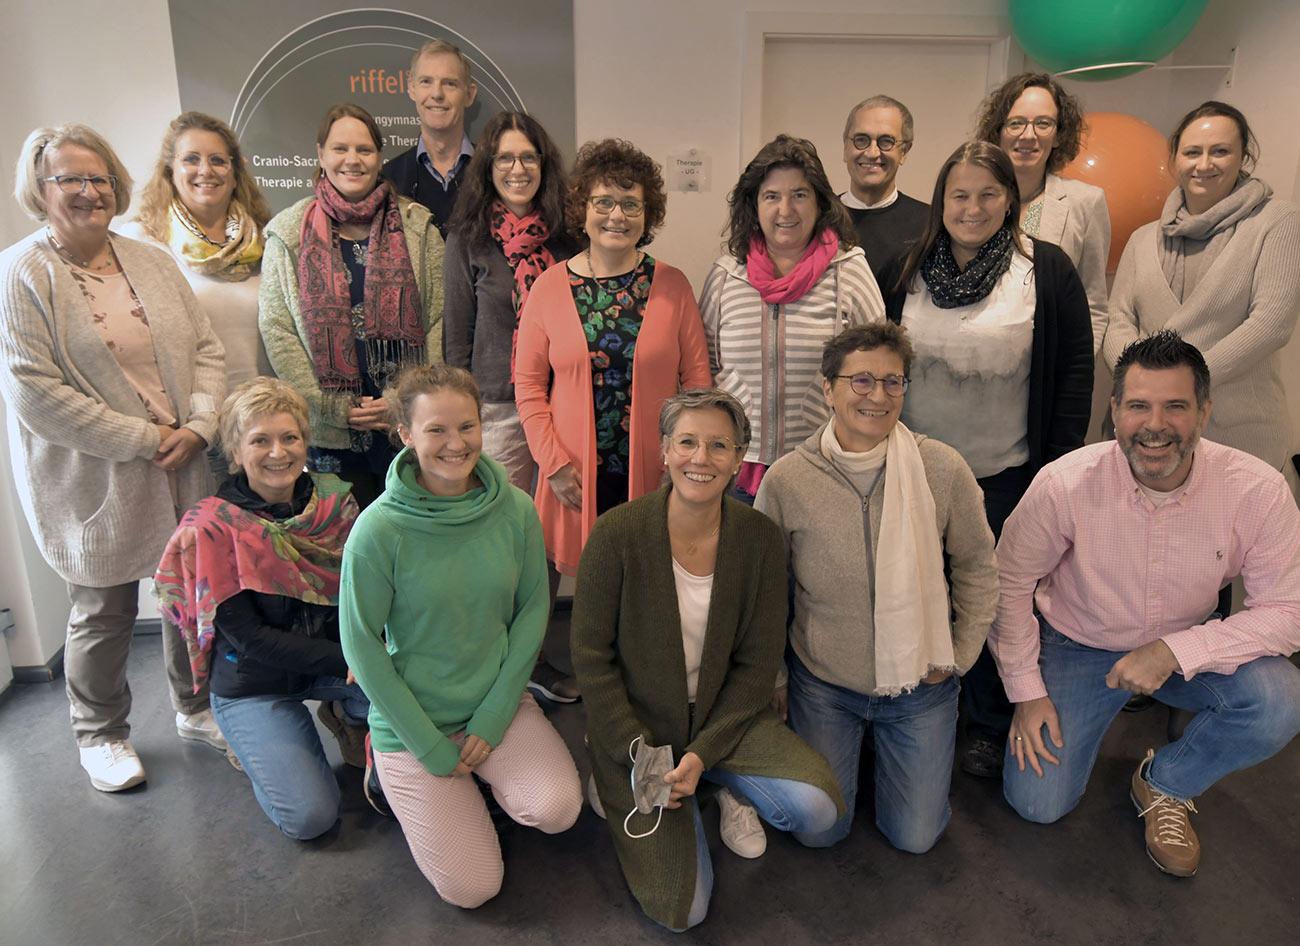 Gruppenfoto beim Workshop im September 2020